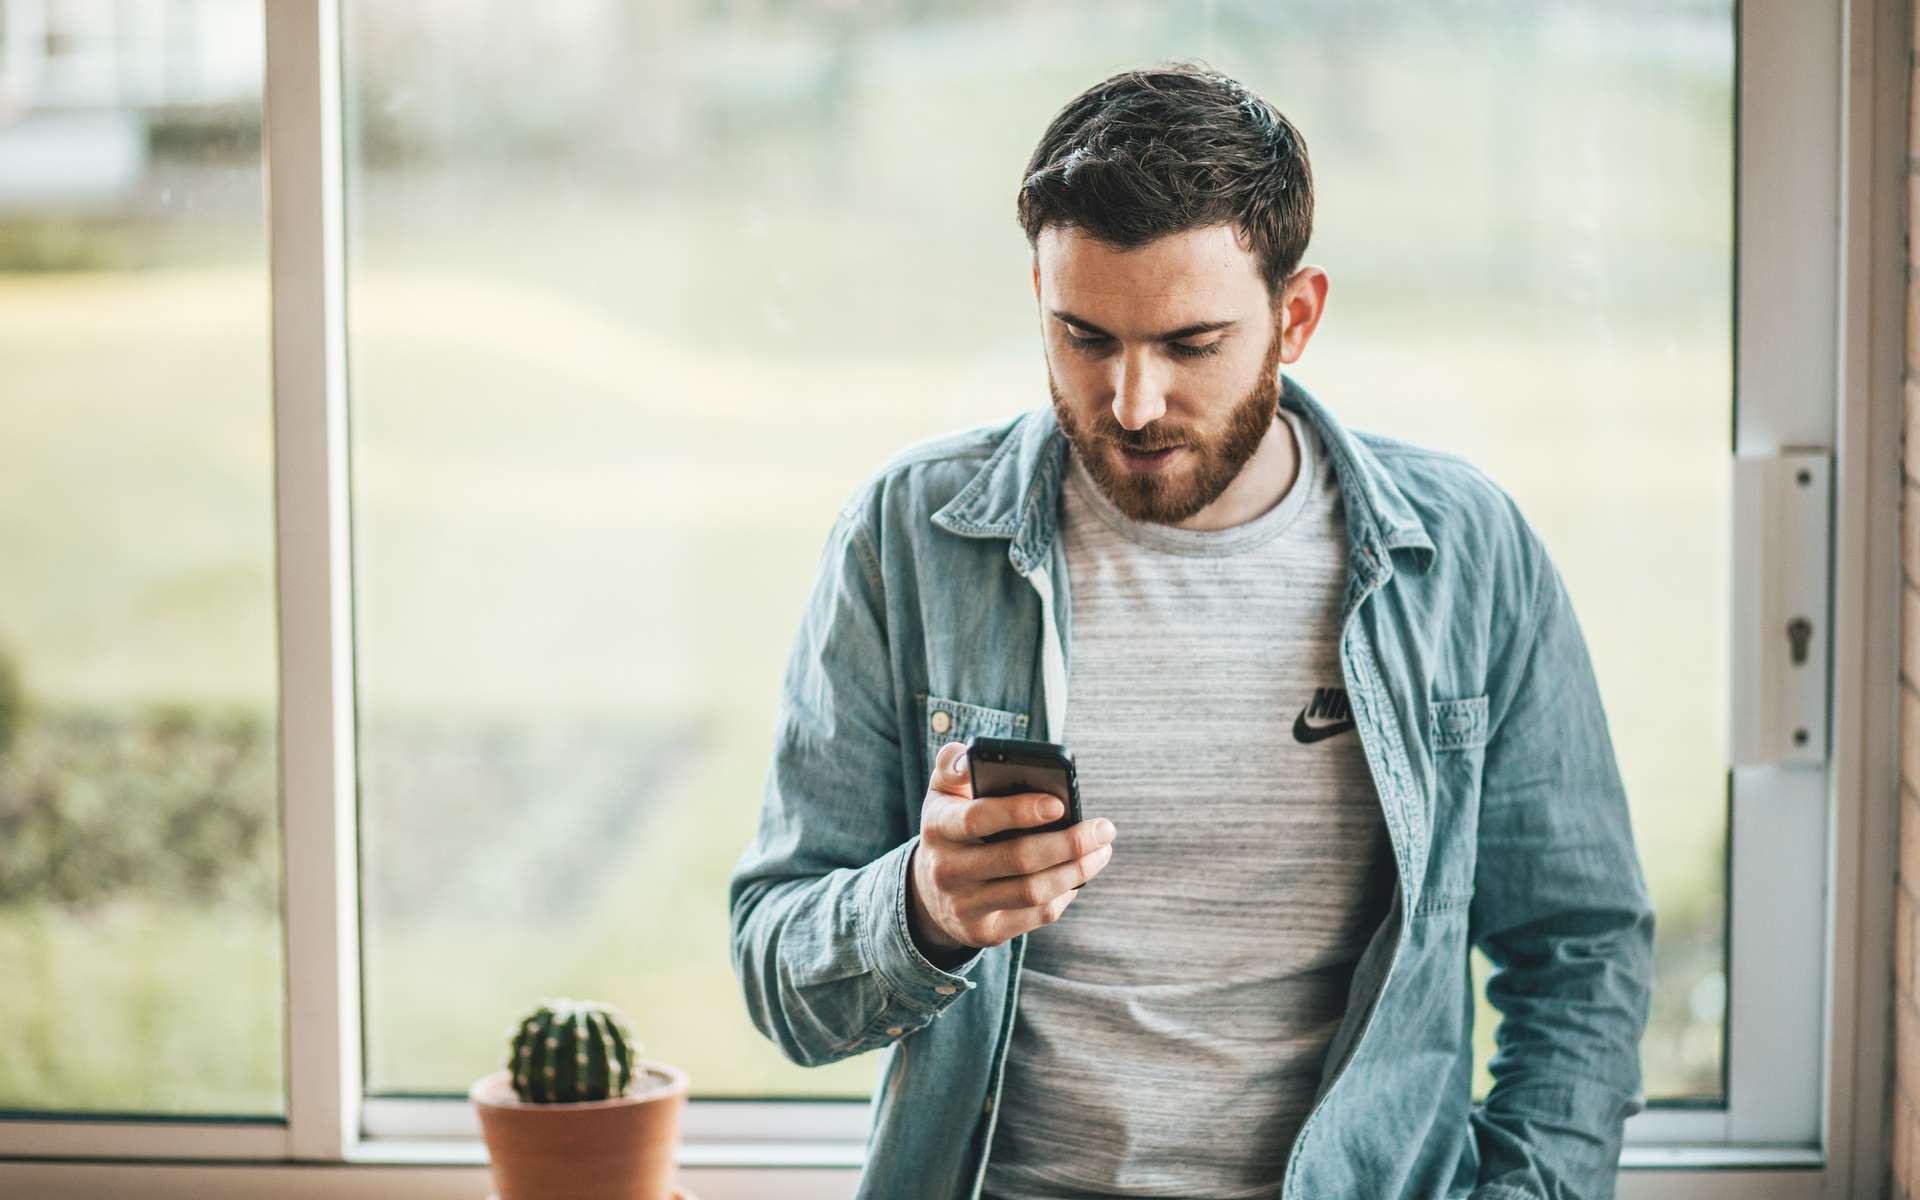 Le forfait Free mobile à 50% de réduction avec 60Go de data ! - © Thom Holmes, Unsplash